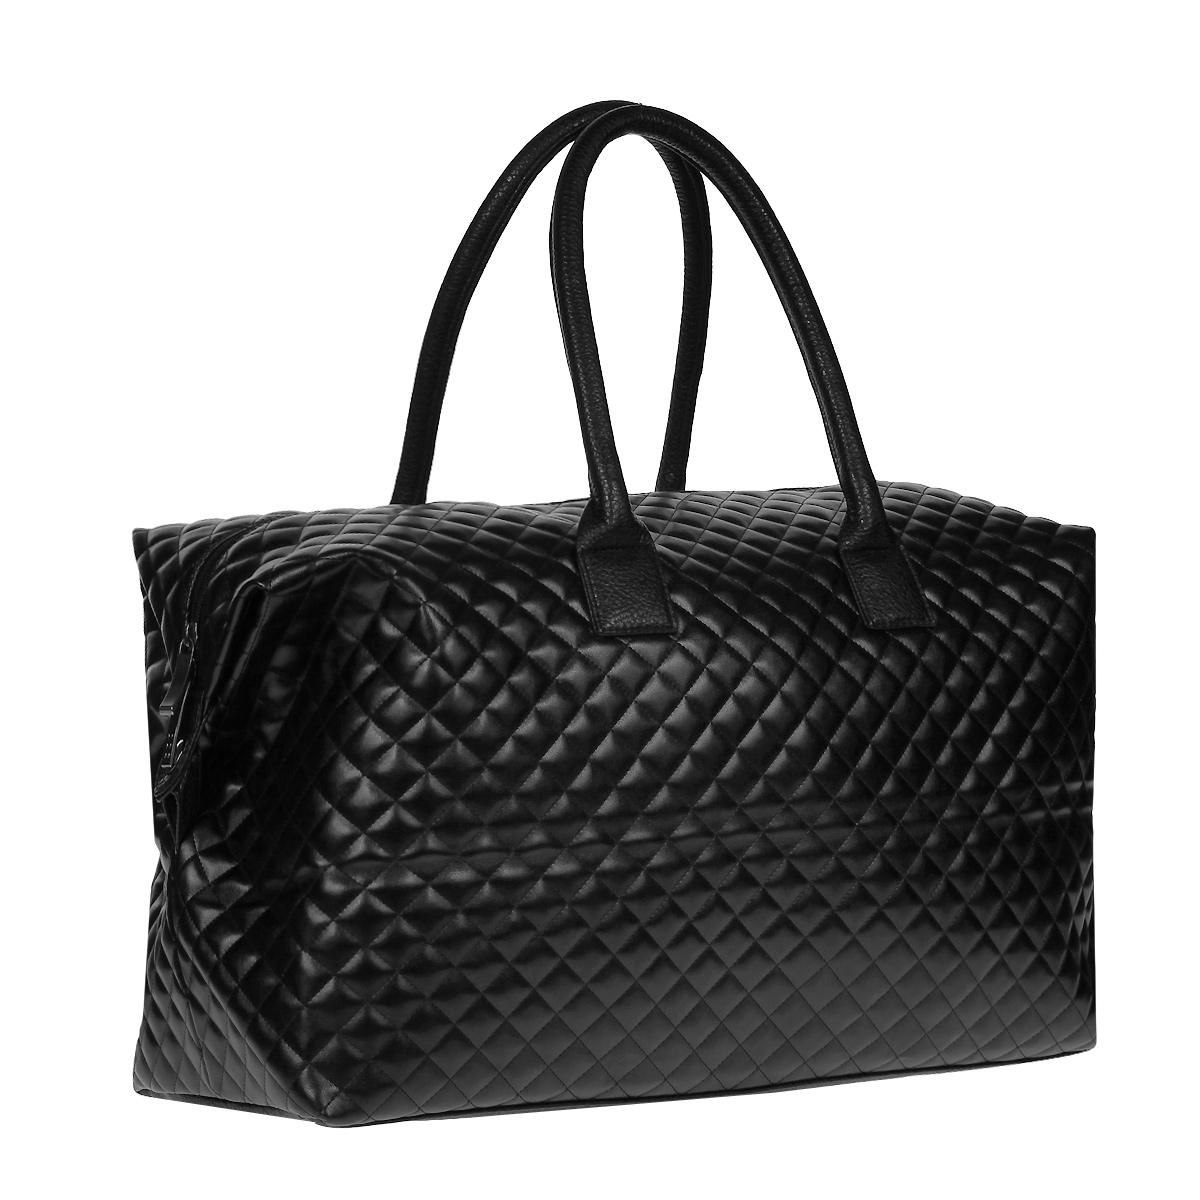 Сумка дорожная Antan, цвет: черный. 2-379KV996OPY/MВместительная дорожная сумка Antan выполнена из искусственной кожи. Внутри сумка состоит из одного отделения и закрывается на застежку-молнию. Внутри - плоский карман на застежке-молнии. Дно сумки уплотненное. Сумка оснащена двумя удобными ручками. Такая модель отлично подойдет для поездок.